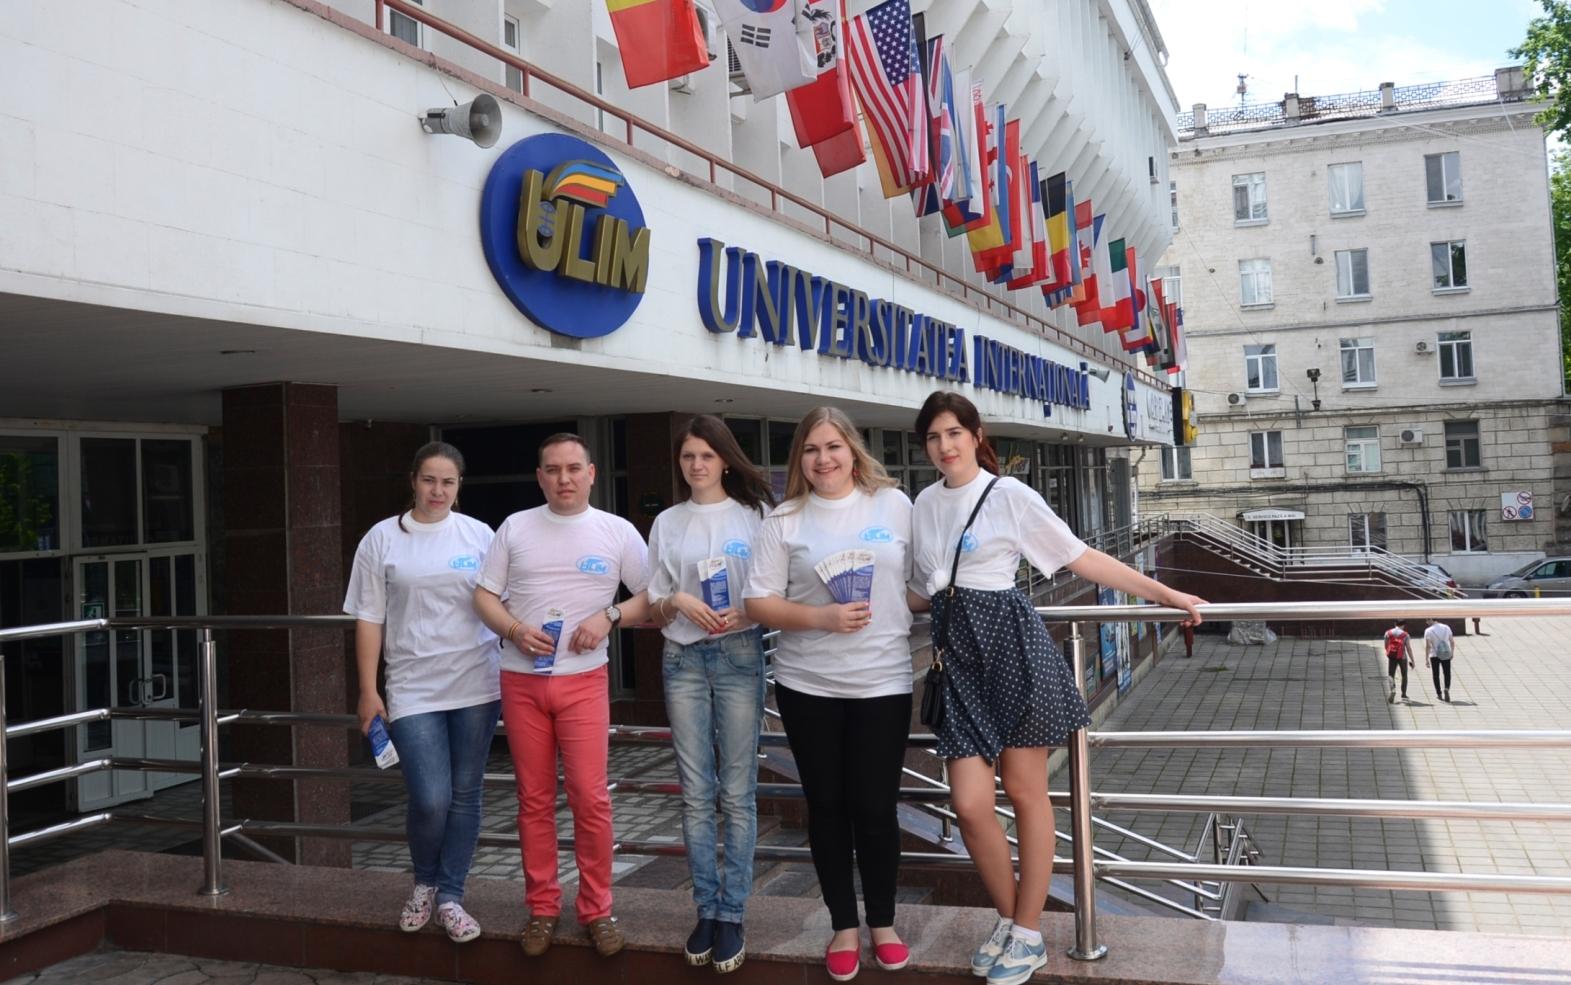 ULIM – instituție profund ancorată în spațiul valoric european